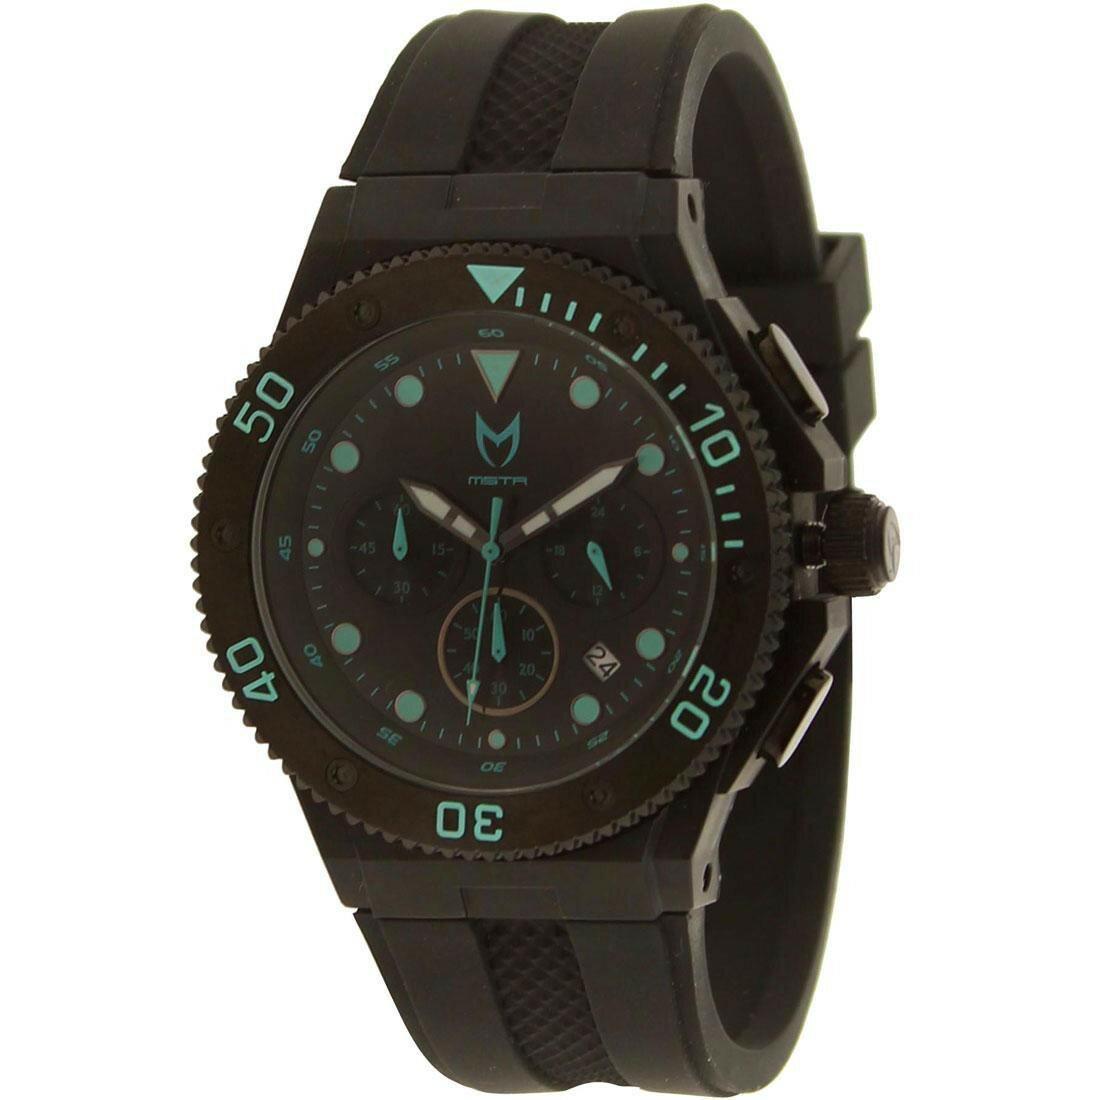 ベース bass アンバサダー ウォッチ プラスチック 時計 meister ambassador plastic mk2 watch black teal 腕時計 男女兼用腕時計